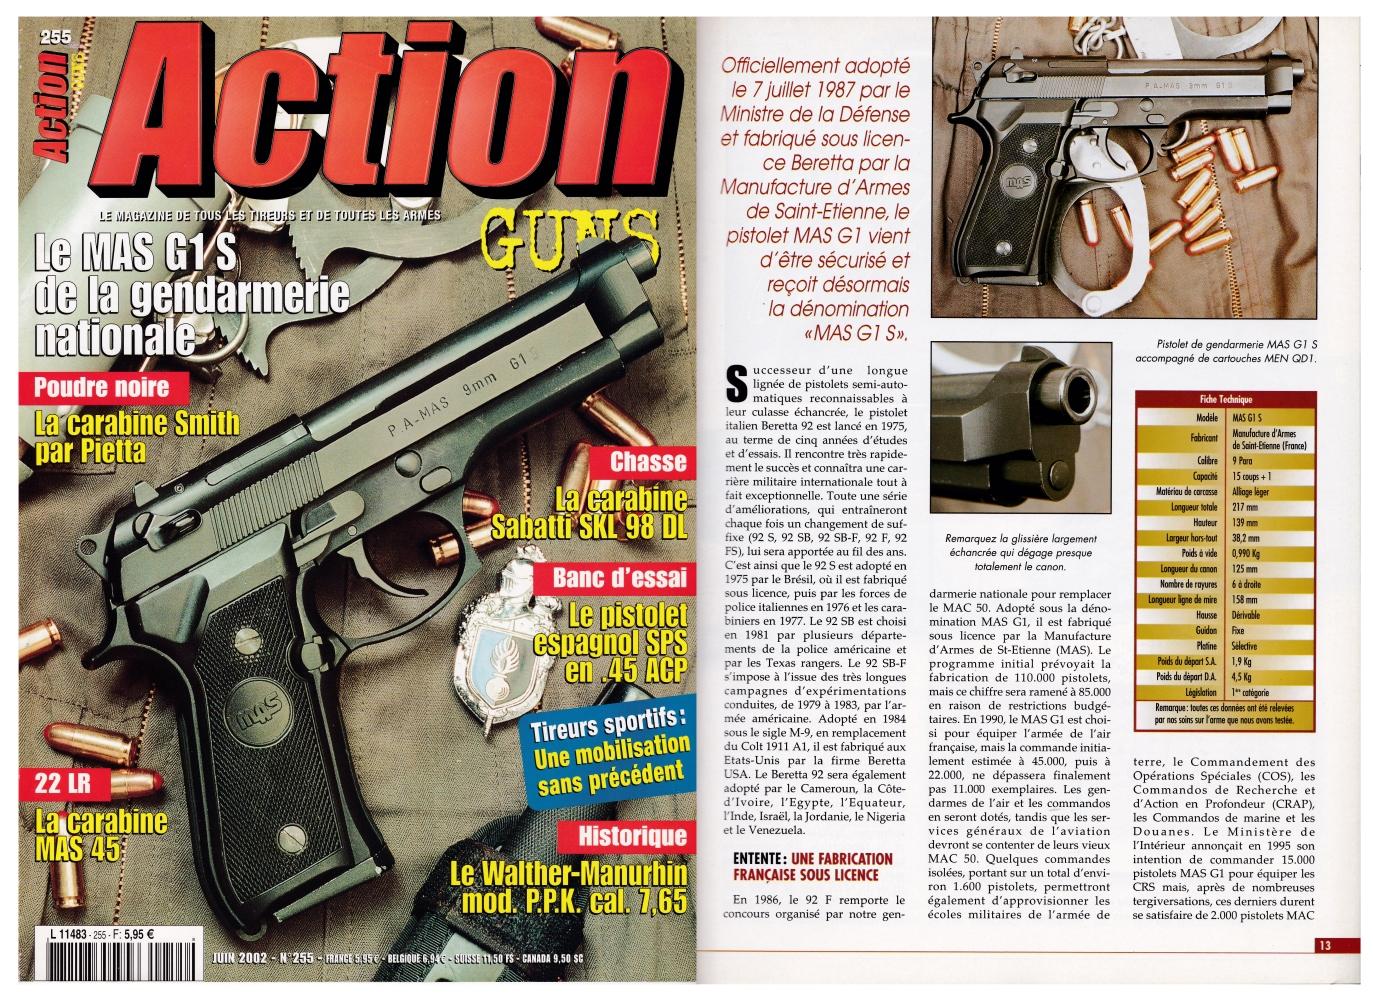 Le banc d'essai du pistolet MAS G1 S a été publié sur 9 pages dans le magazine Action Guns n°255 (juin 2002).